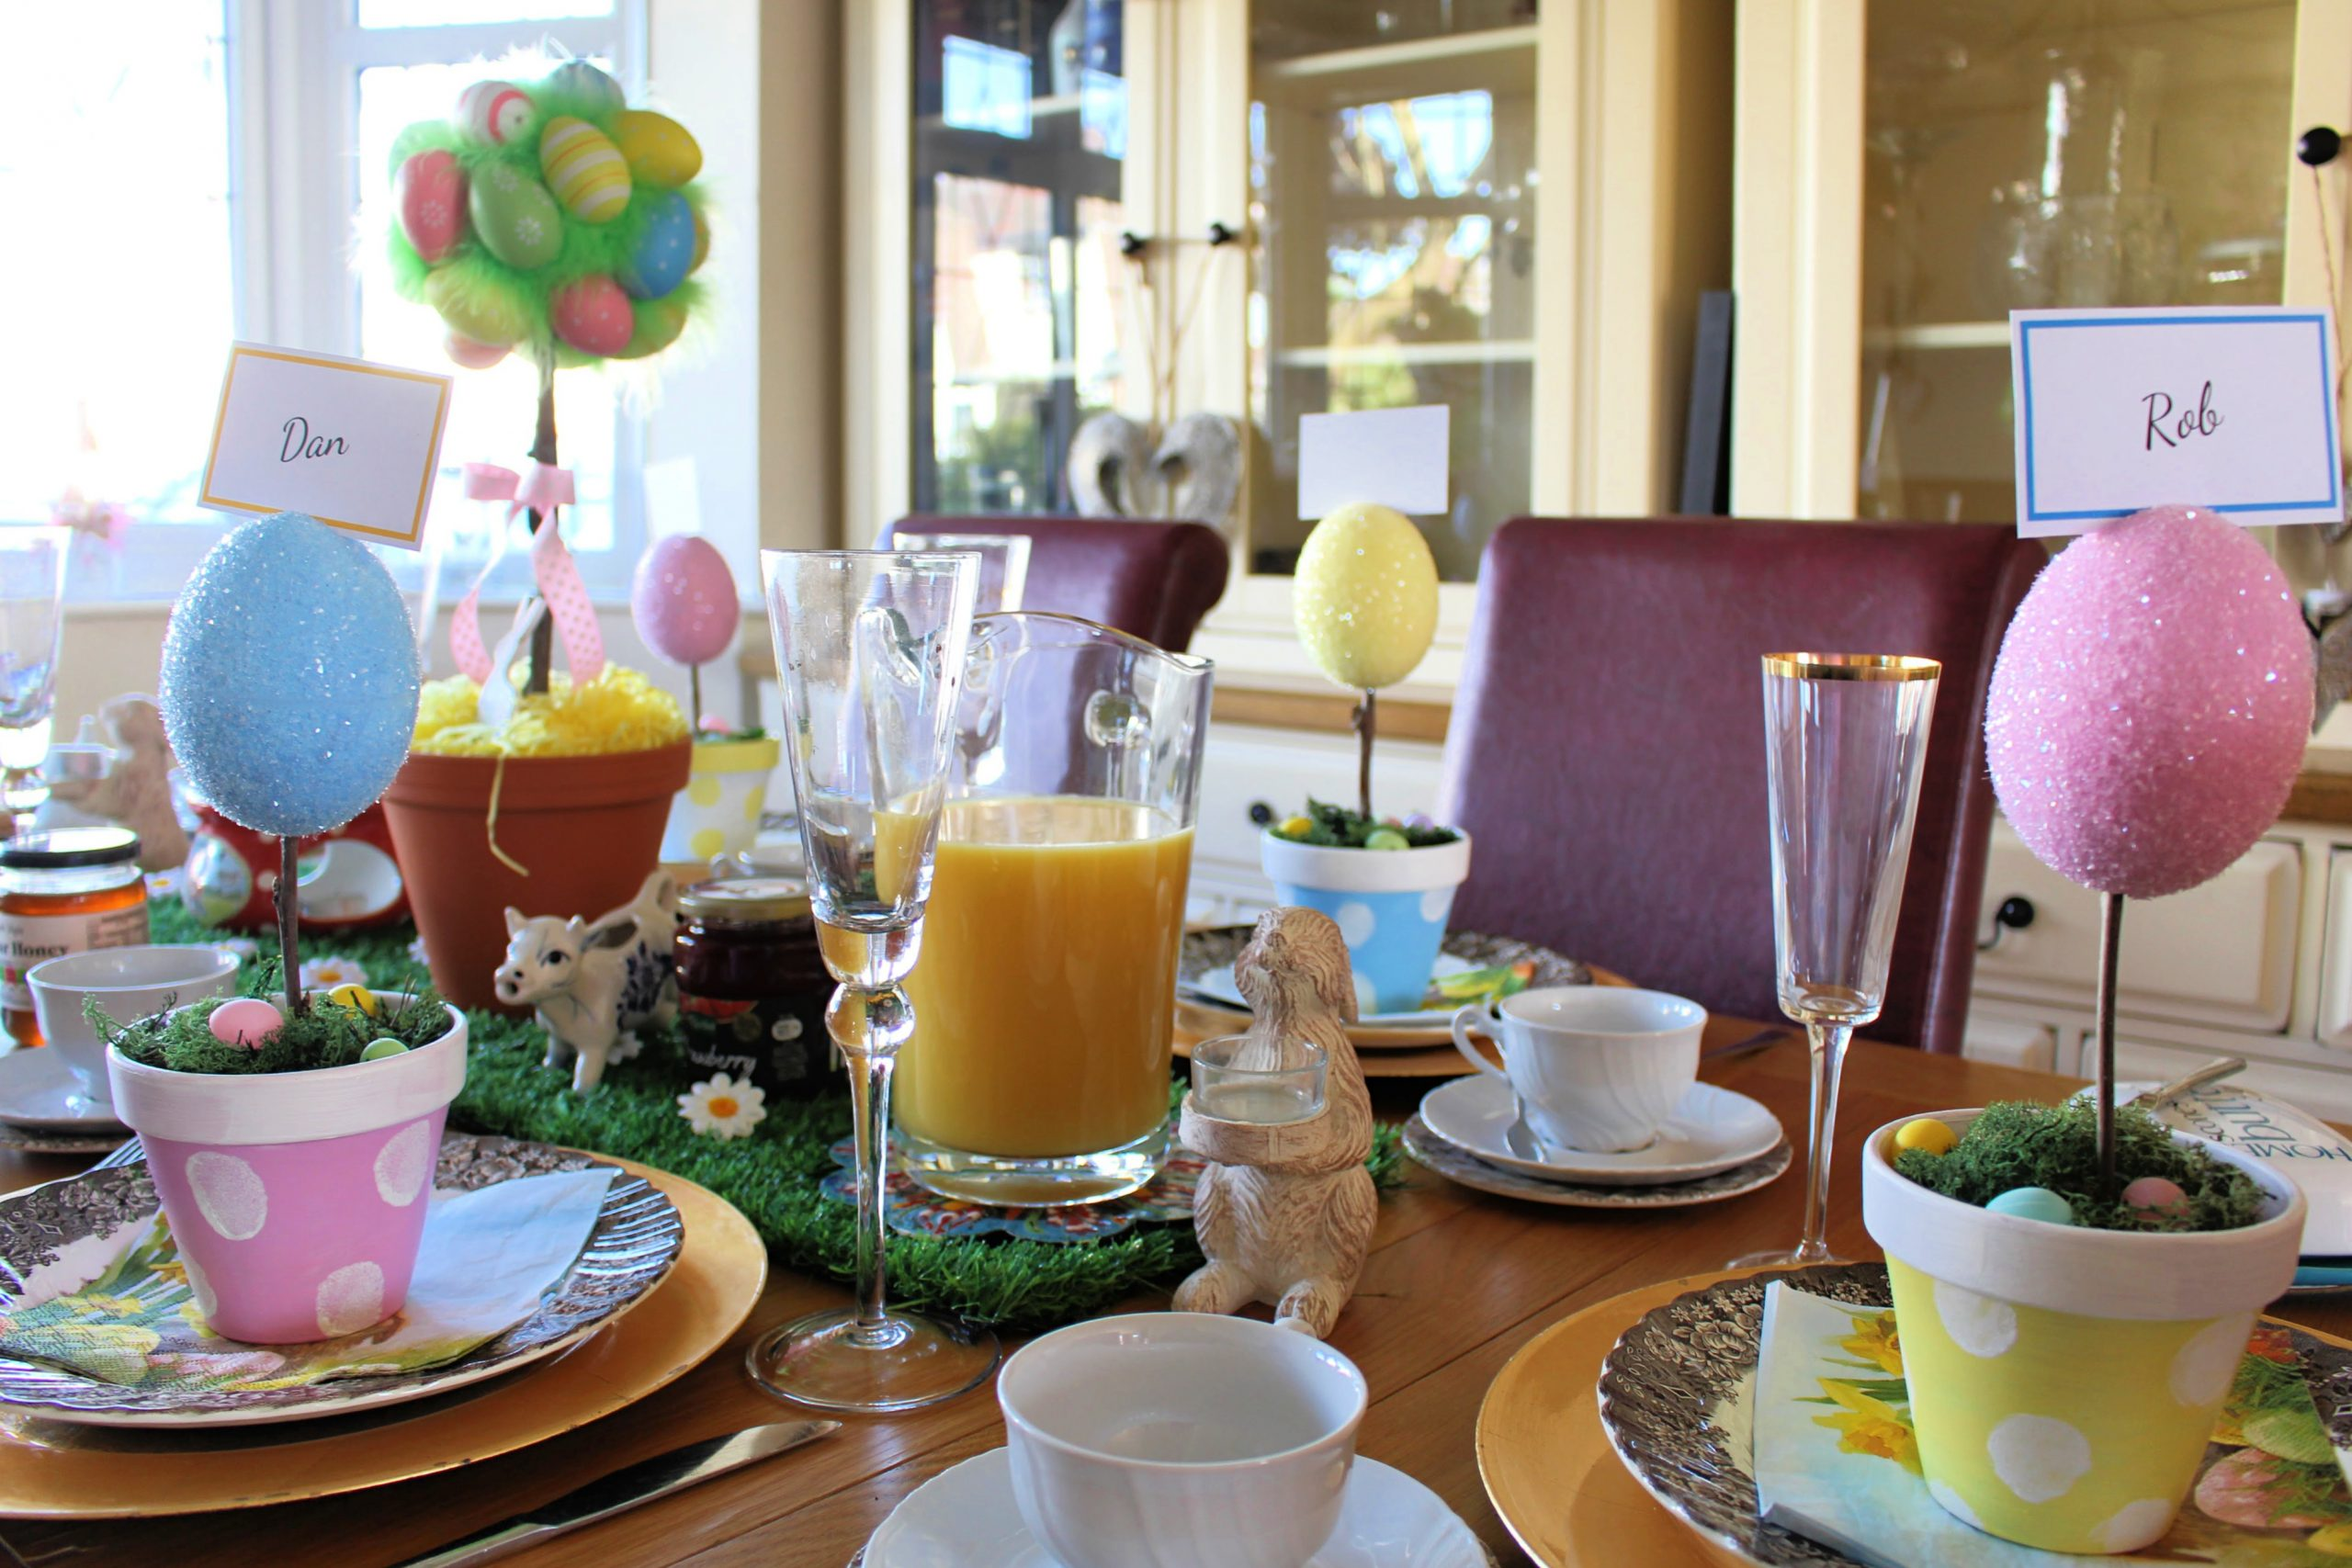 Glitter Easter Egg Place name Holder on Easter breakfast table